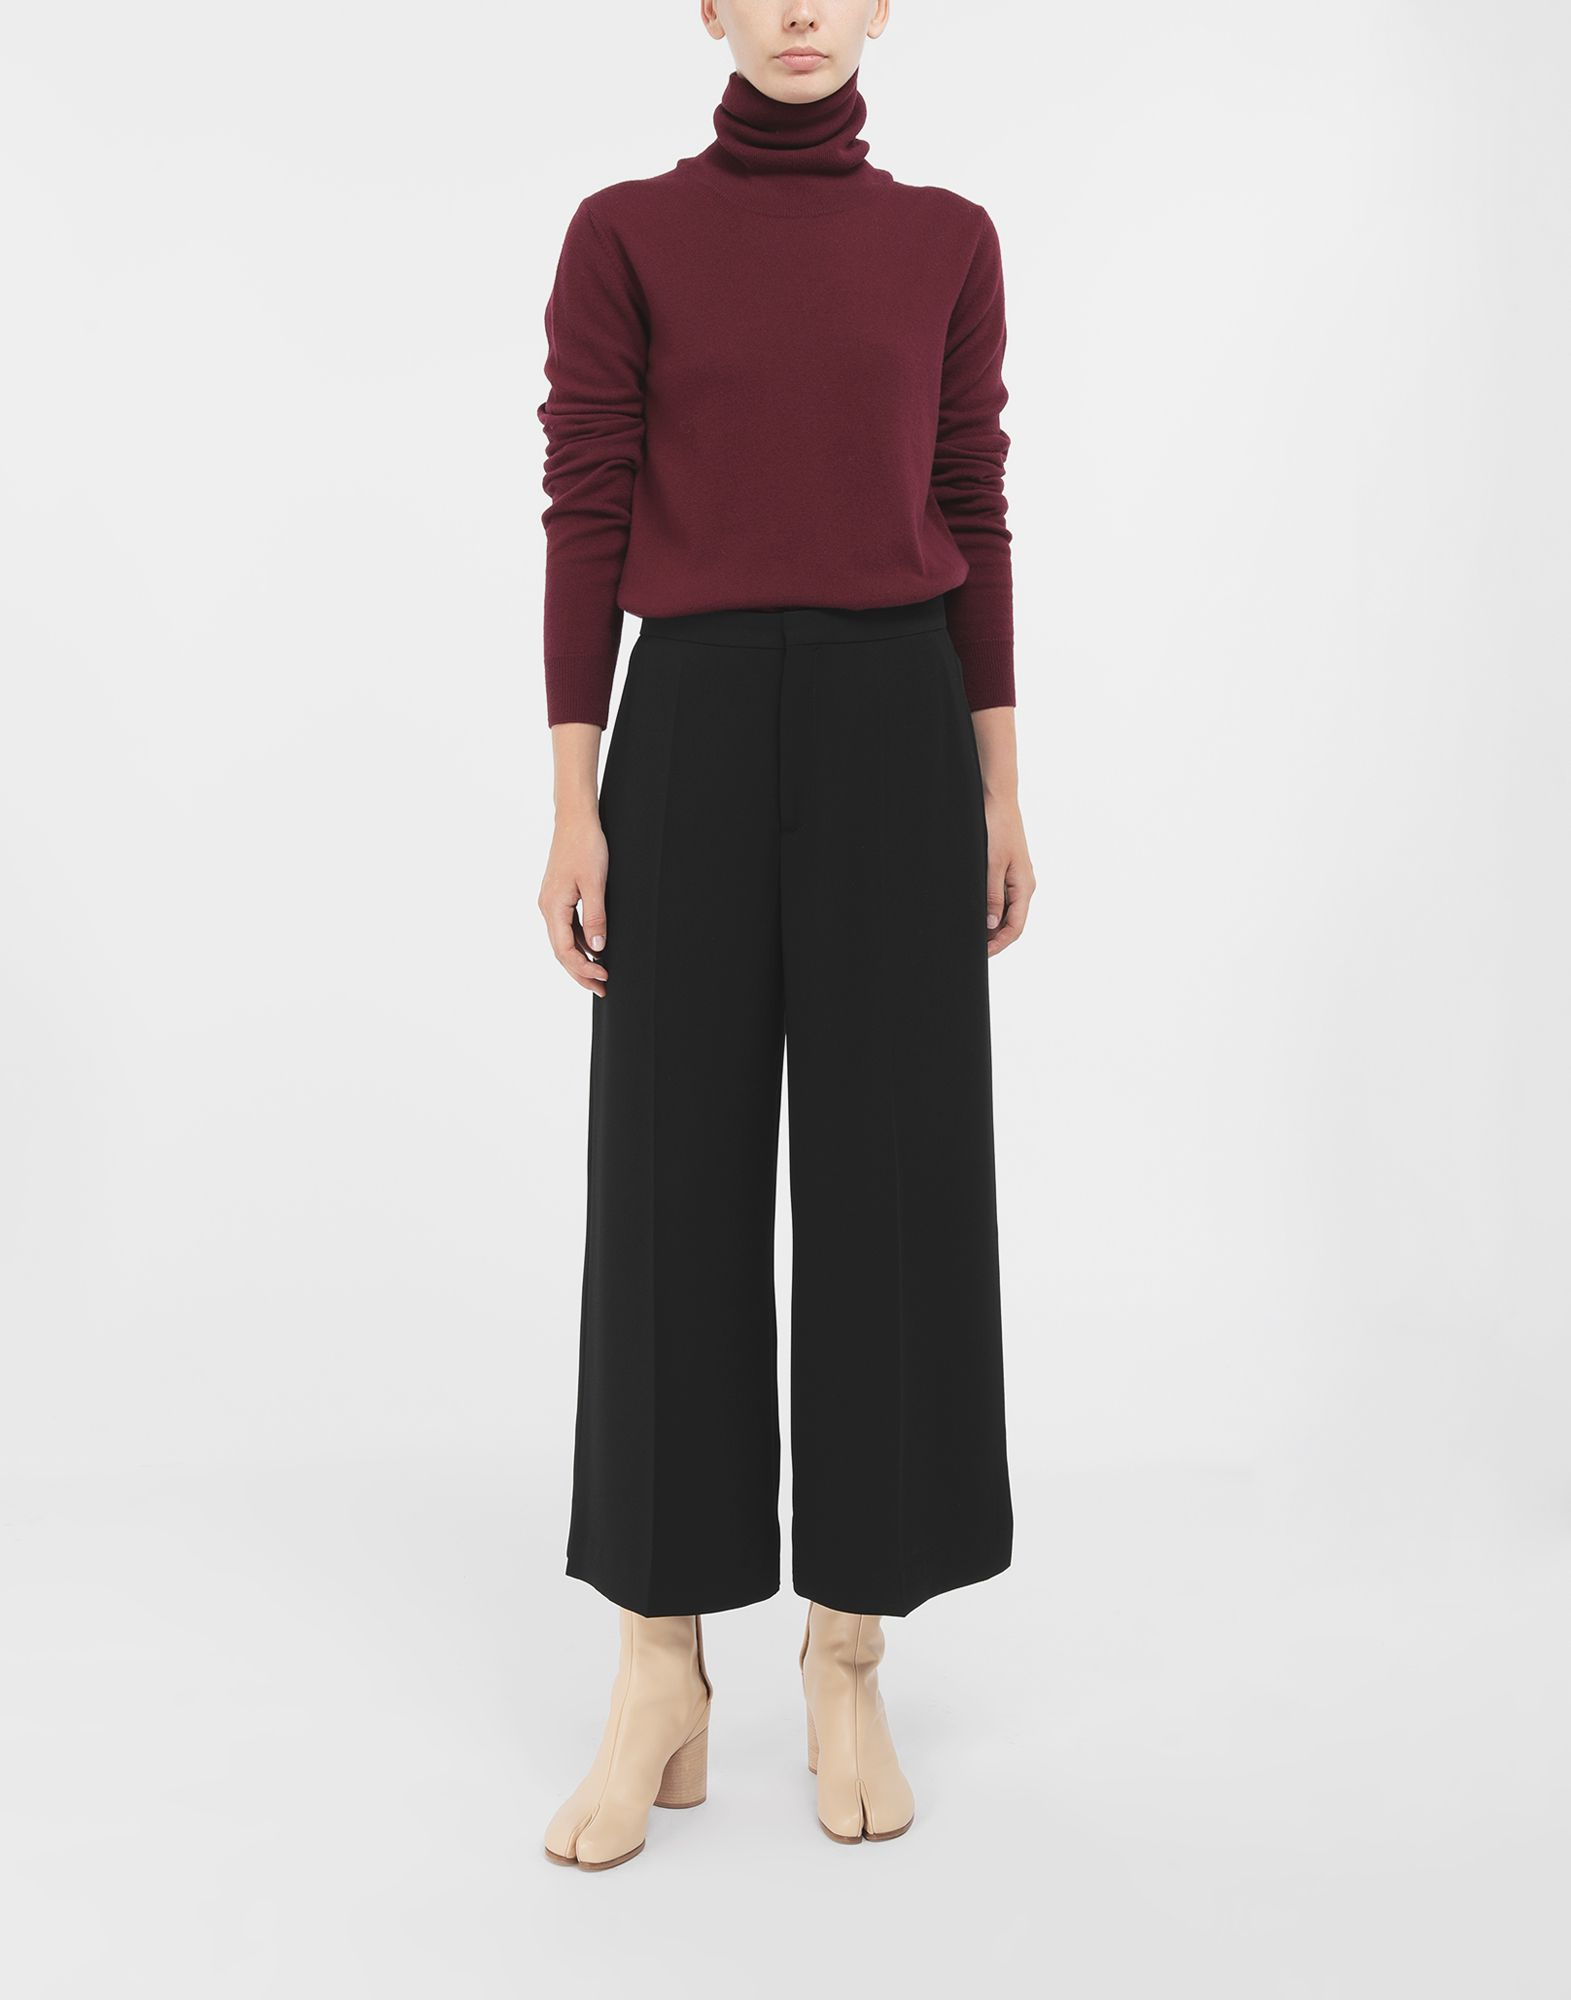 MAISON MARGIELA High-neck sweater High neck sweater Woman d